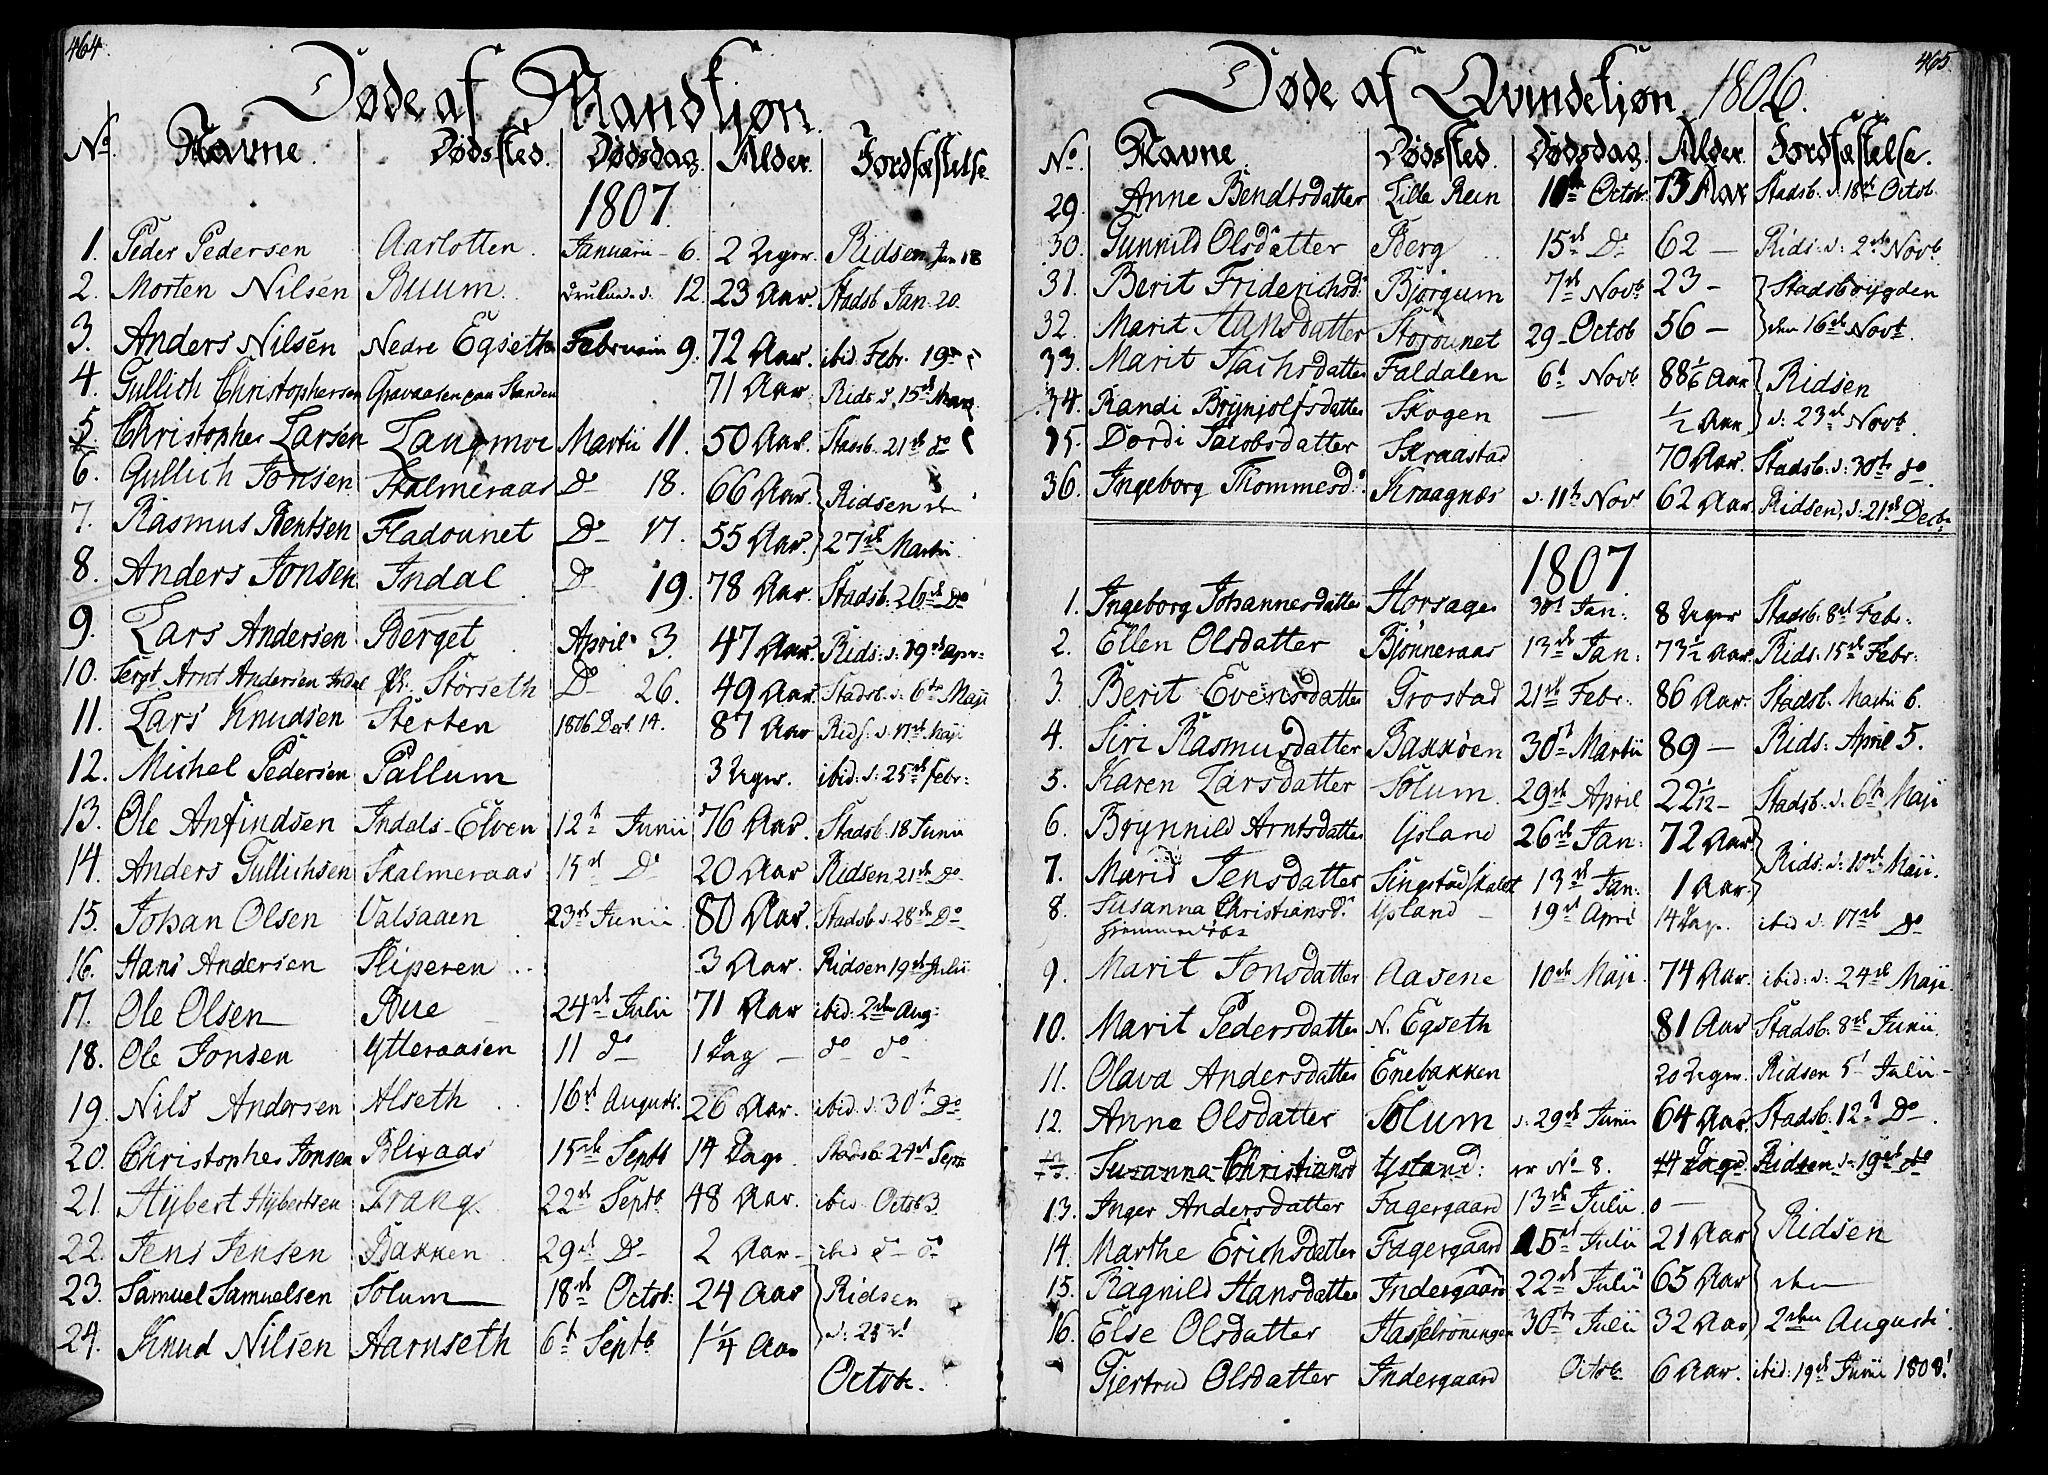 SAT, Ministerialprotokoller, klokkerbøker og fødselsregistre - Sør-Trøndelag, 646/L0607: Ministerialbok nr. 646A05, 1806-1815, s. 464-465